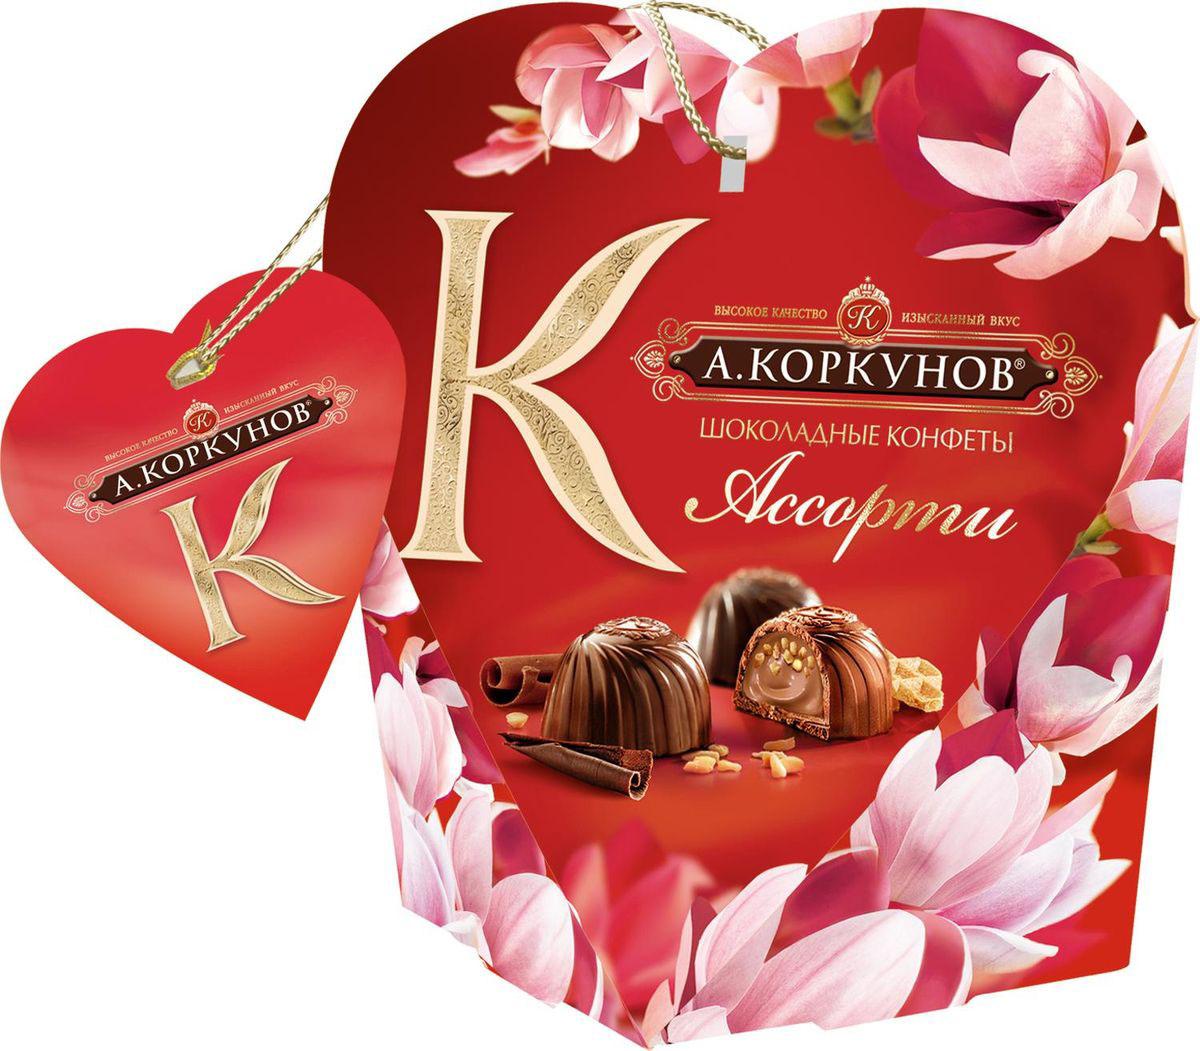 А.Коркунов весенняя коллекция Ассорти конфеты темный и молочный шоколад, 64 г а коркунов ассорти конфеты молочный шоколад 137 г